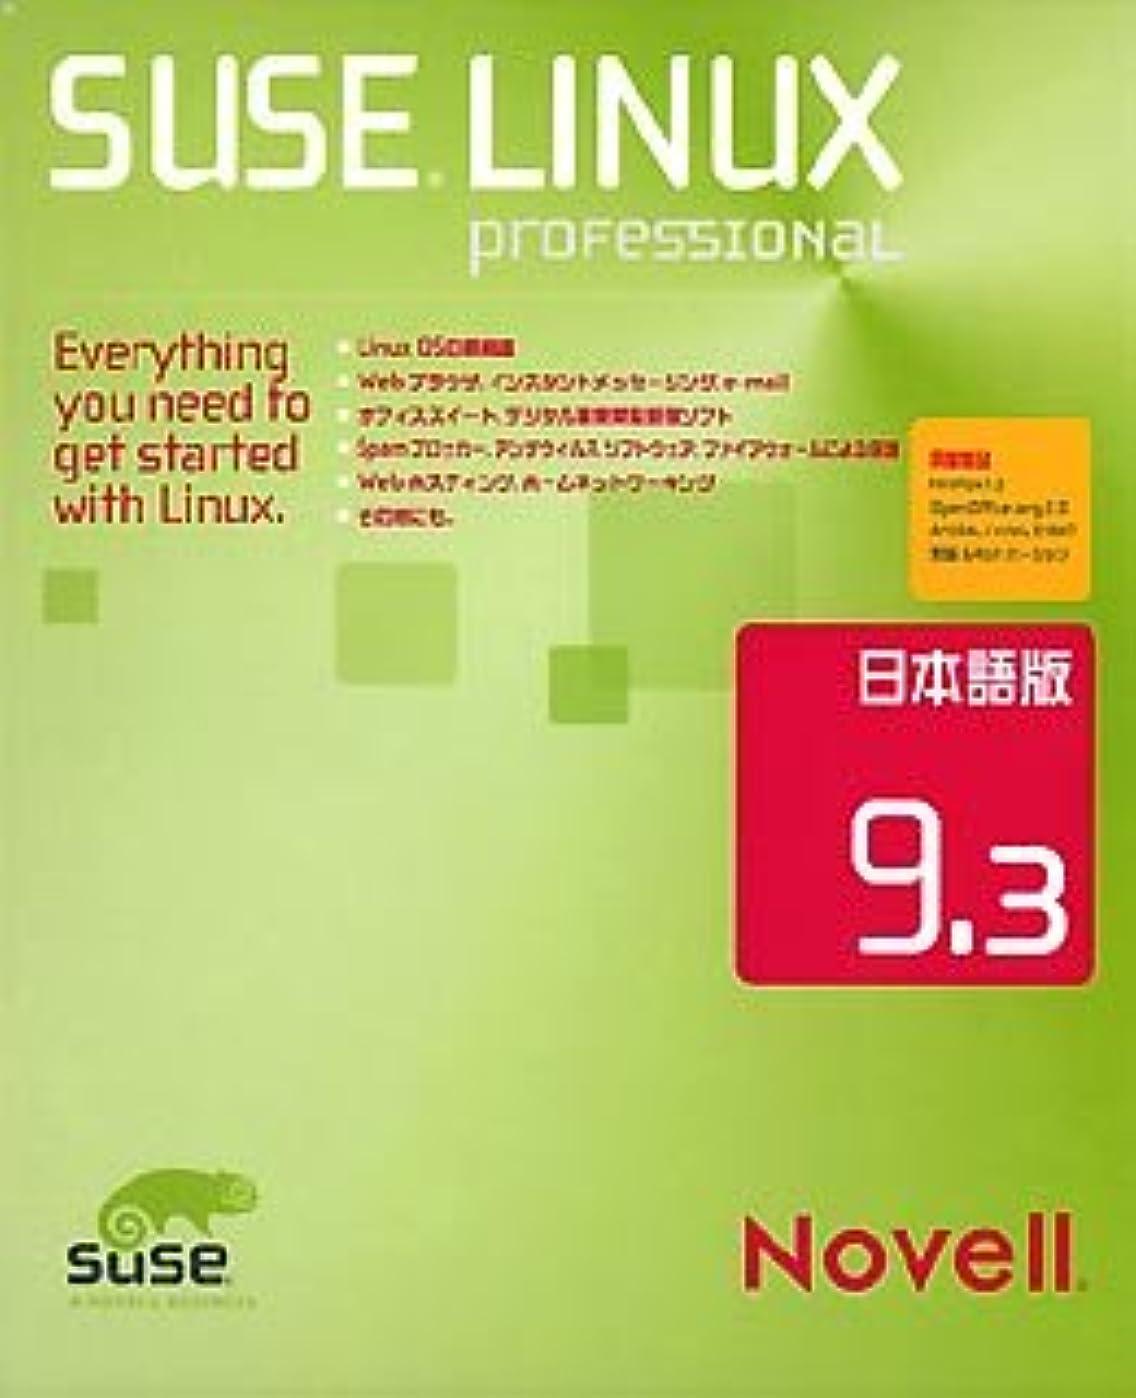 ターミナルうがい哲学博士Novell SUSE LINUX Professional 9.3 日本語版